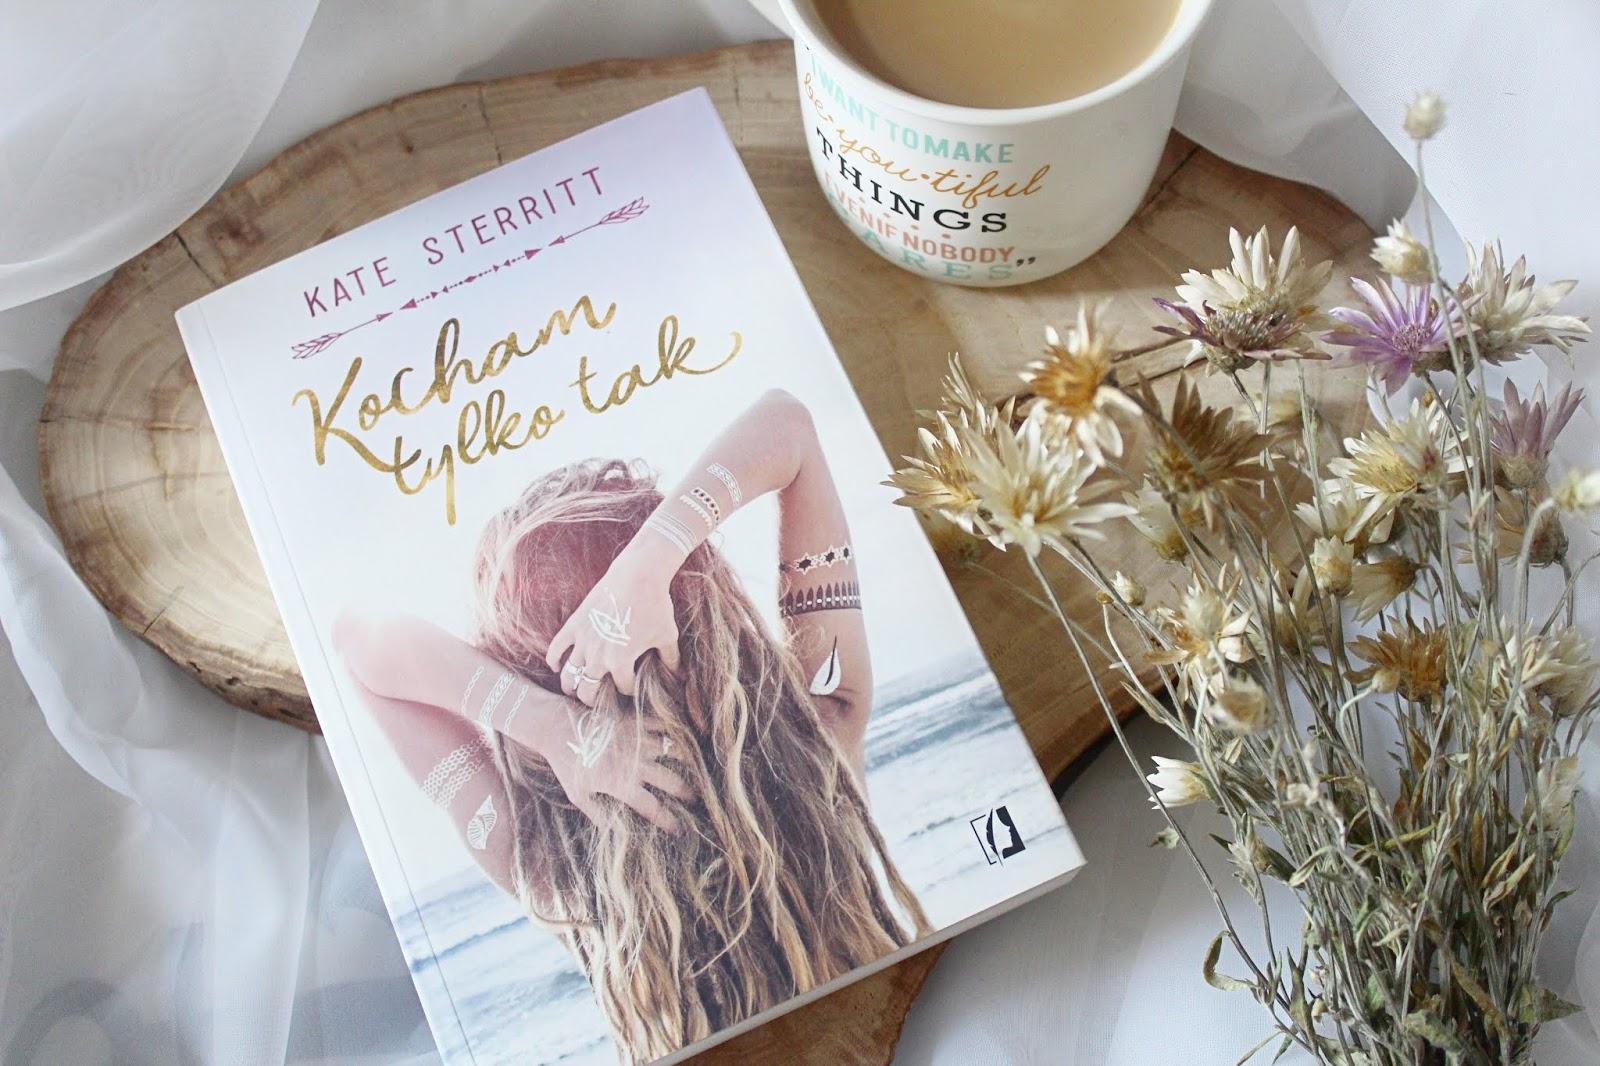 Kocham tylko tak, Kate Sterrit. Powieść o sile przyjaźni i miłości, której pragniemy wszyscy.